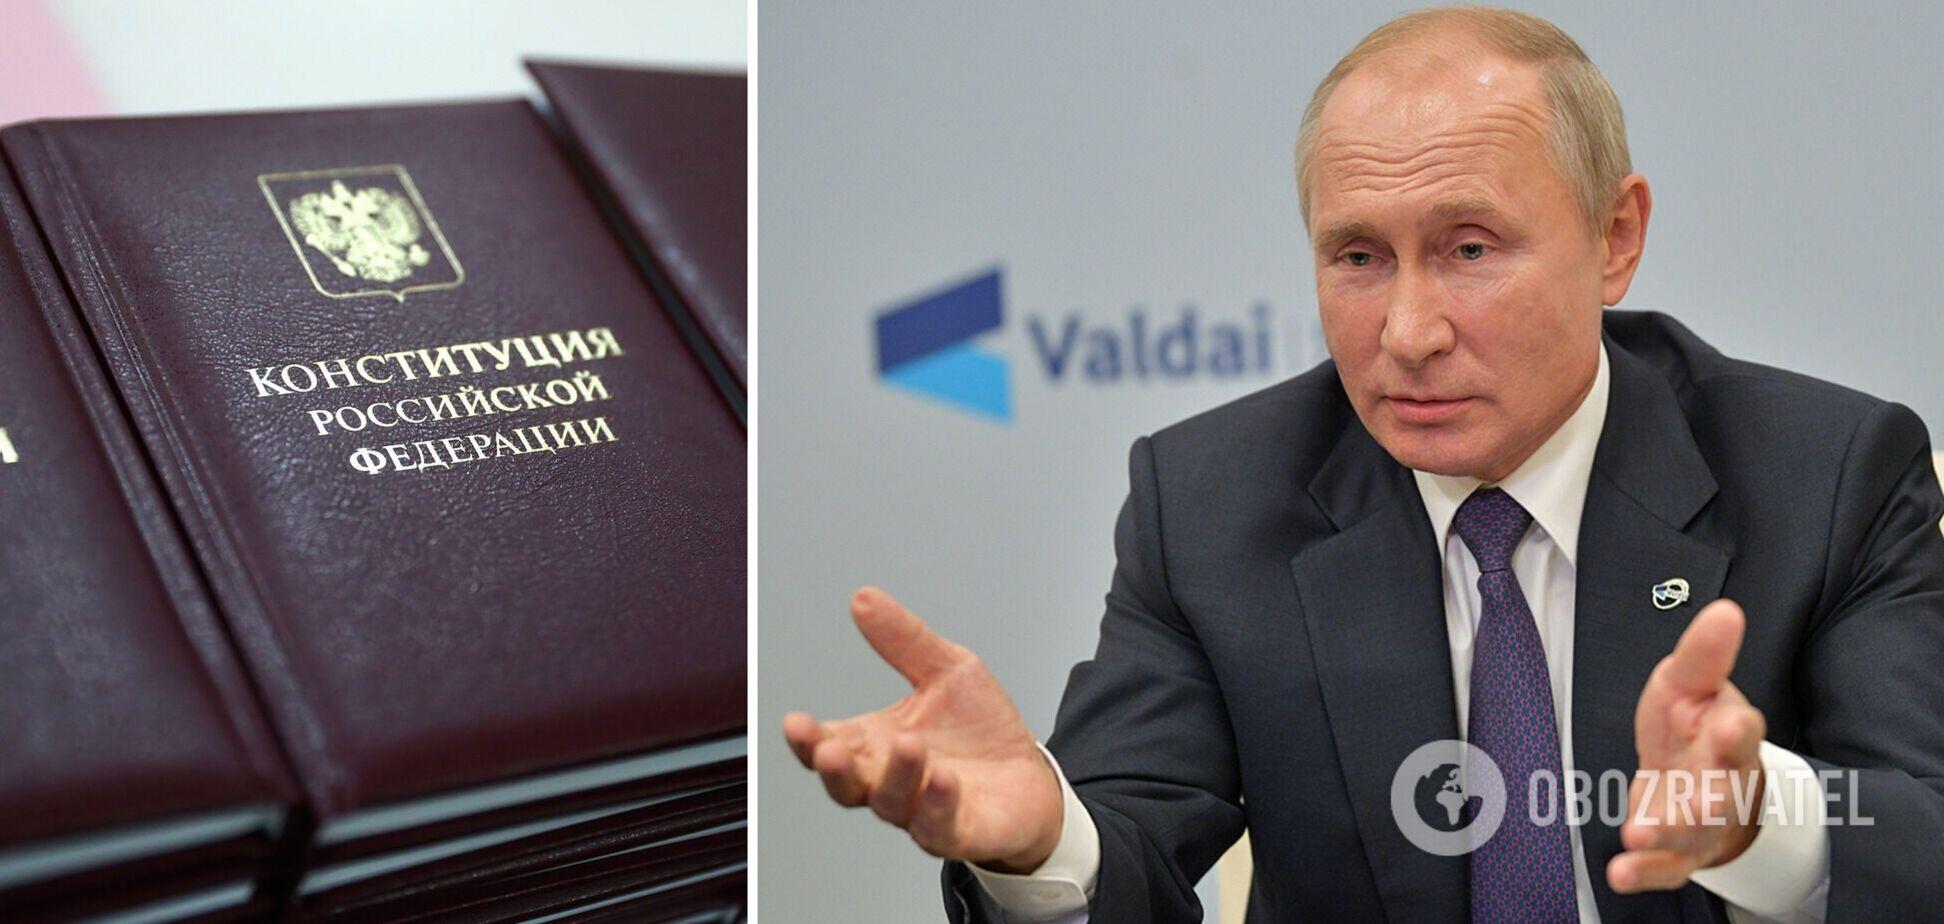 Путін дозволив собі обіймати посаду президента ще два терміни. Документ